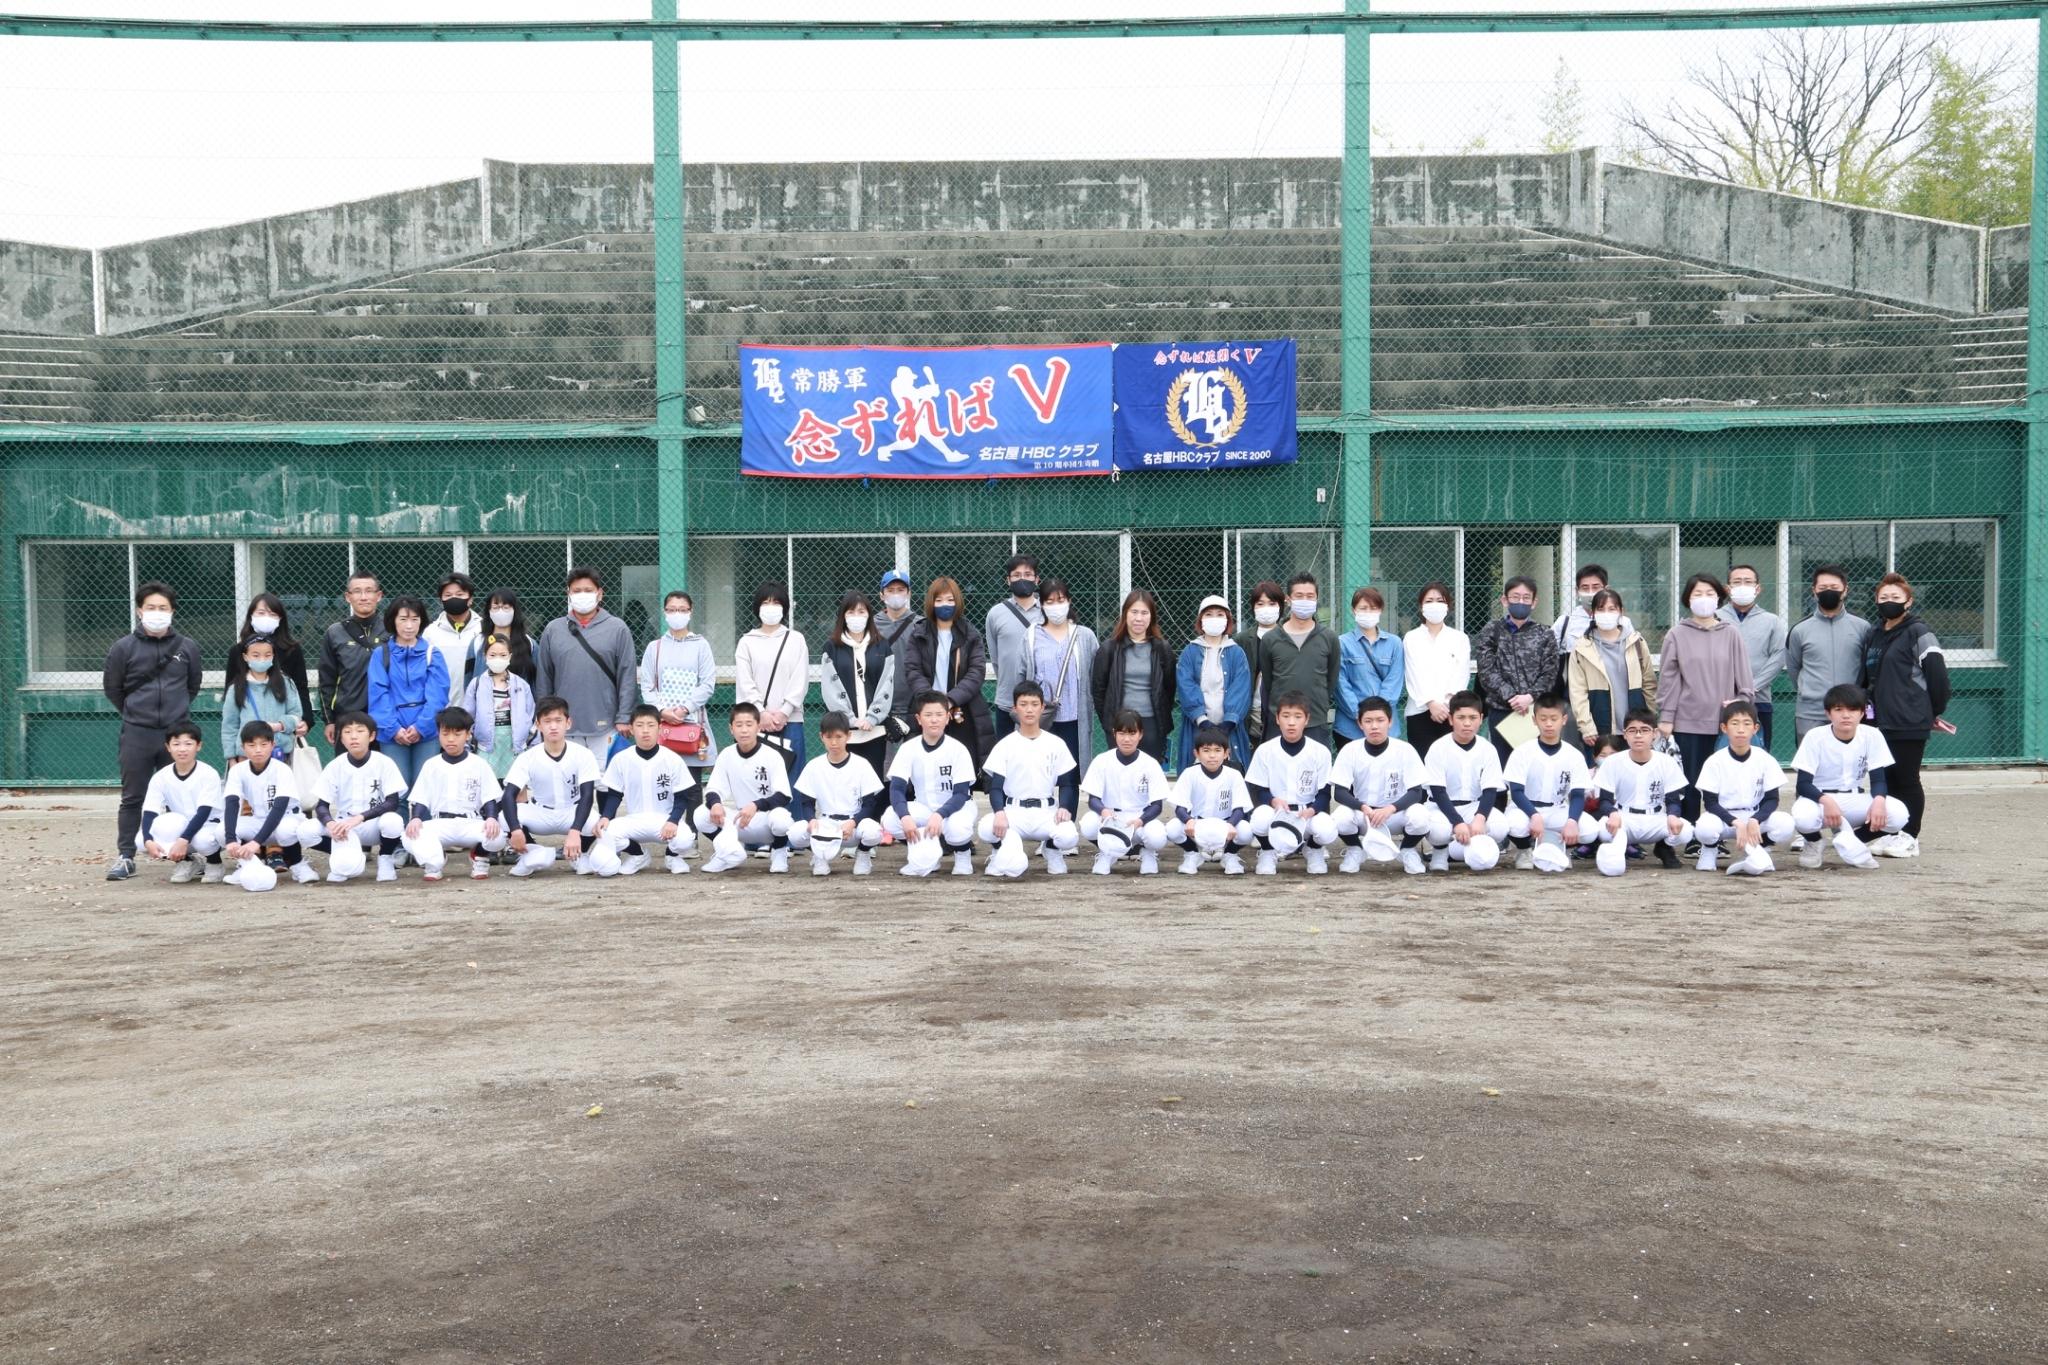 新入団 2021/04/03